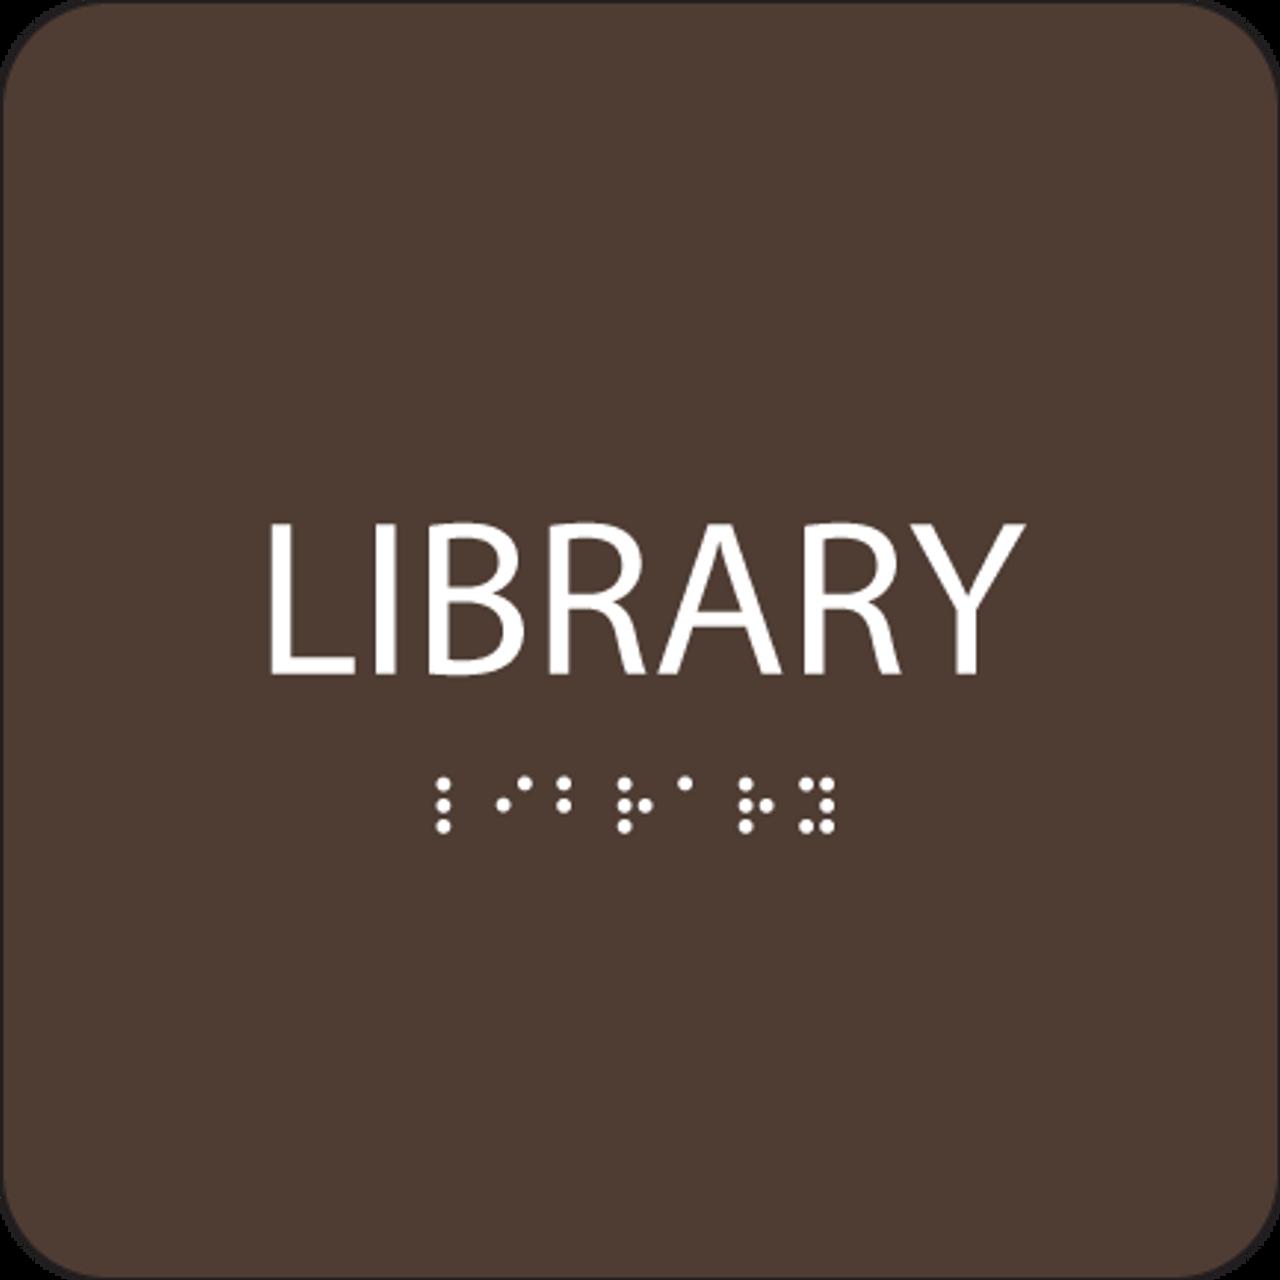 Dark Brown Library ADA Sign